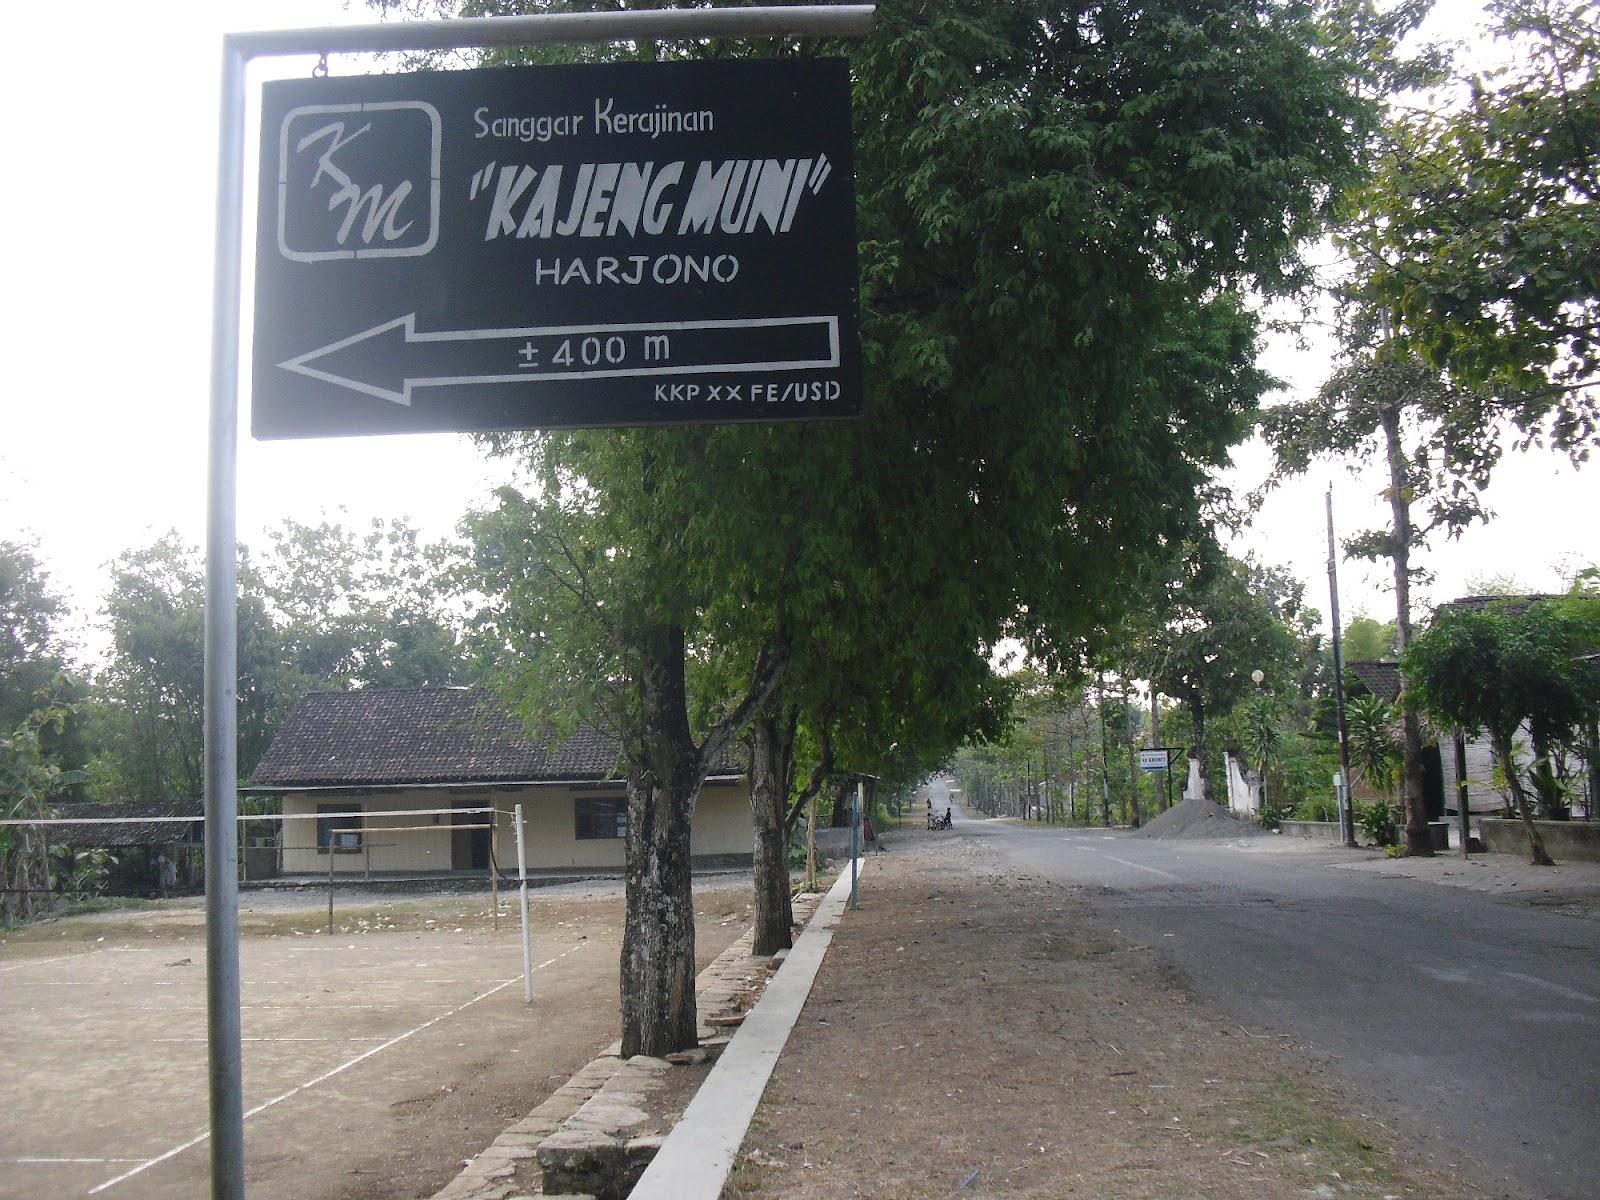 Desa Wisata Kerajinan Batik Kayu Krebet Sanggar Kajeng Muni Kita